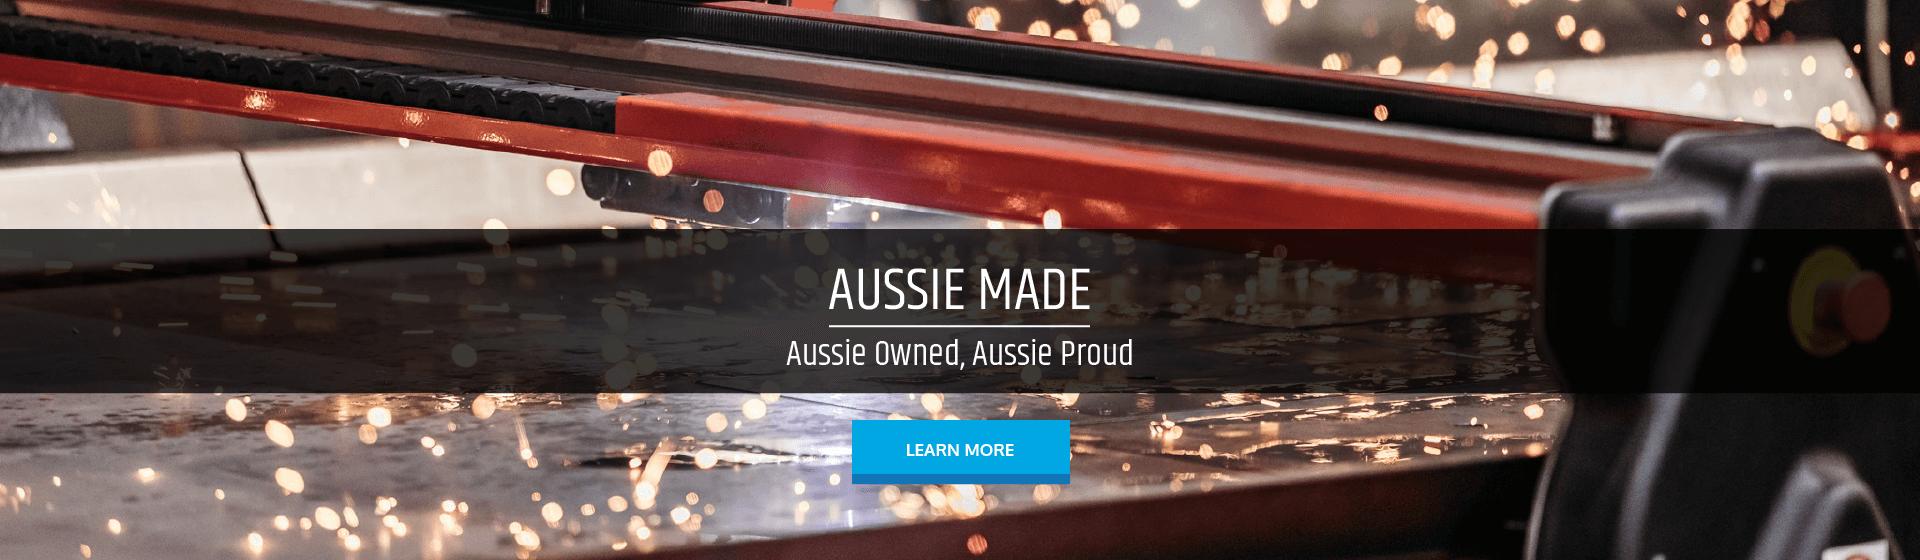 Aussie Made. Aussie Owned, Aussie Proud.